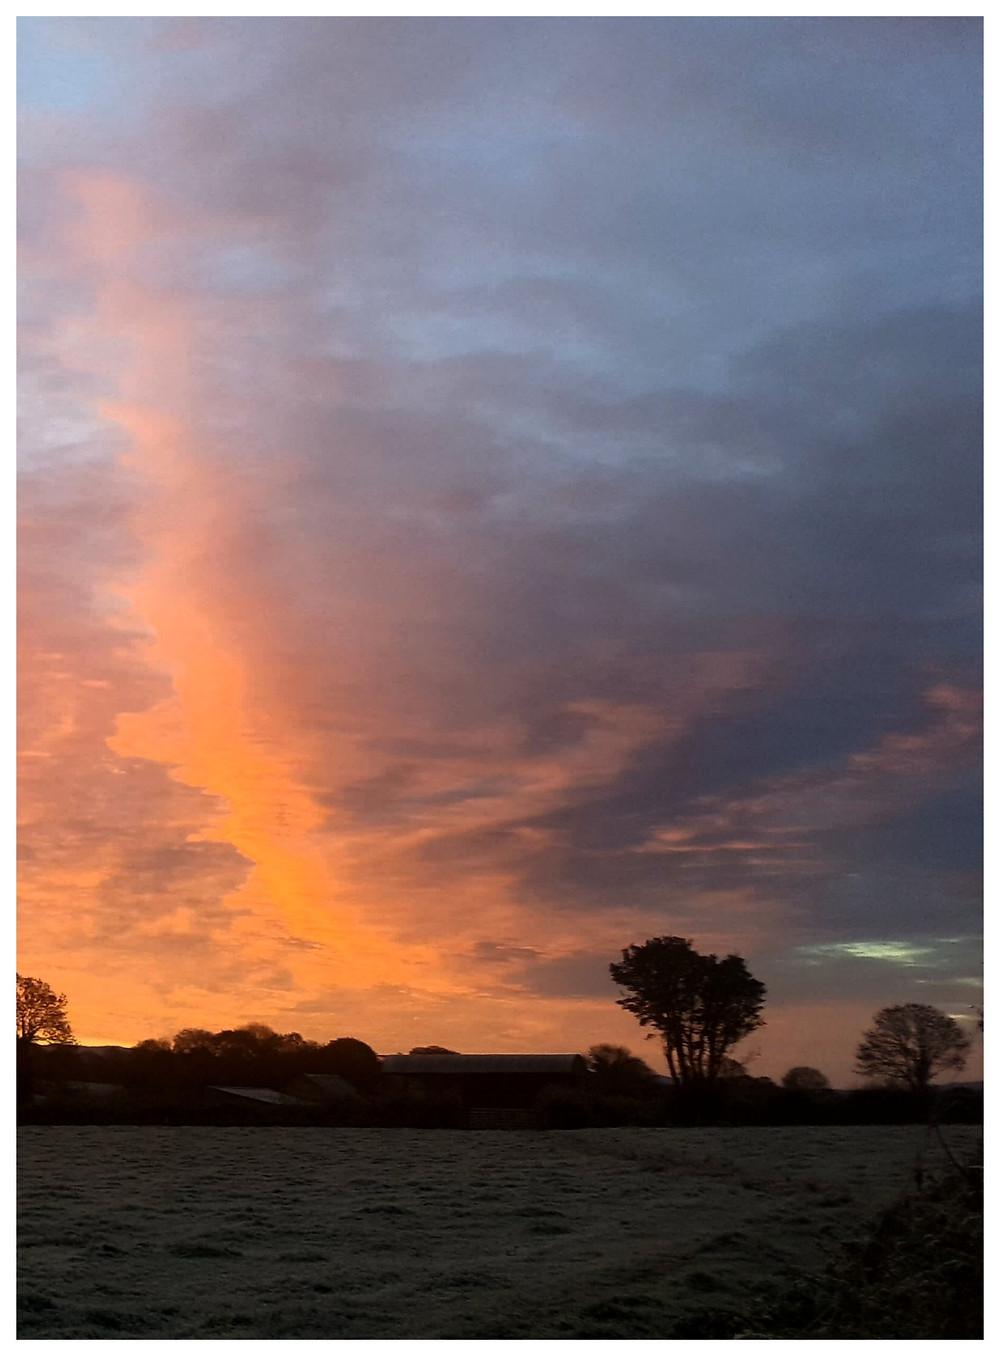 Sky at Rahin photographed by Kathy Tiernan